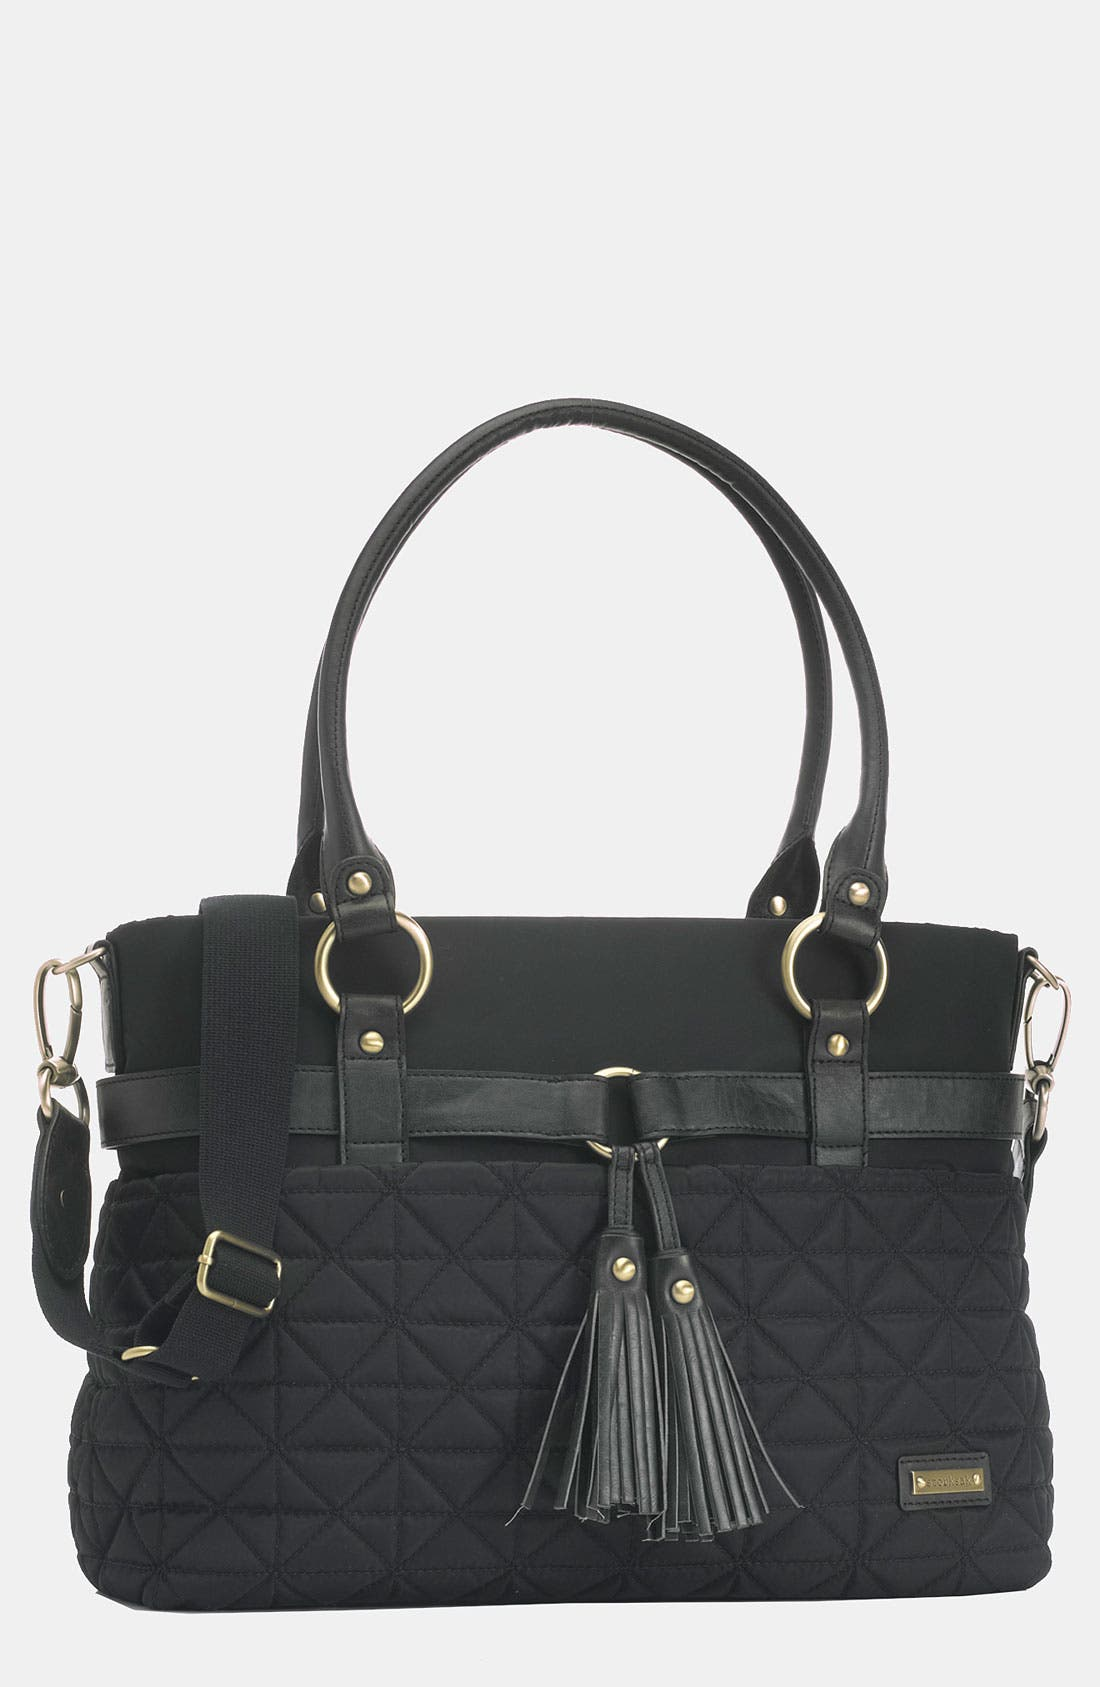 Alternate Image 1 Selected - Storksak 'Isabella' Nylon Diaper Bag